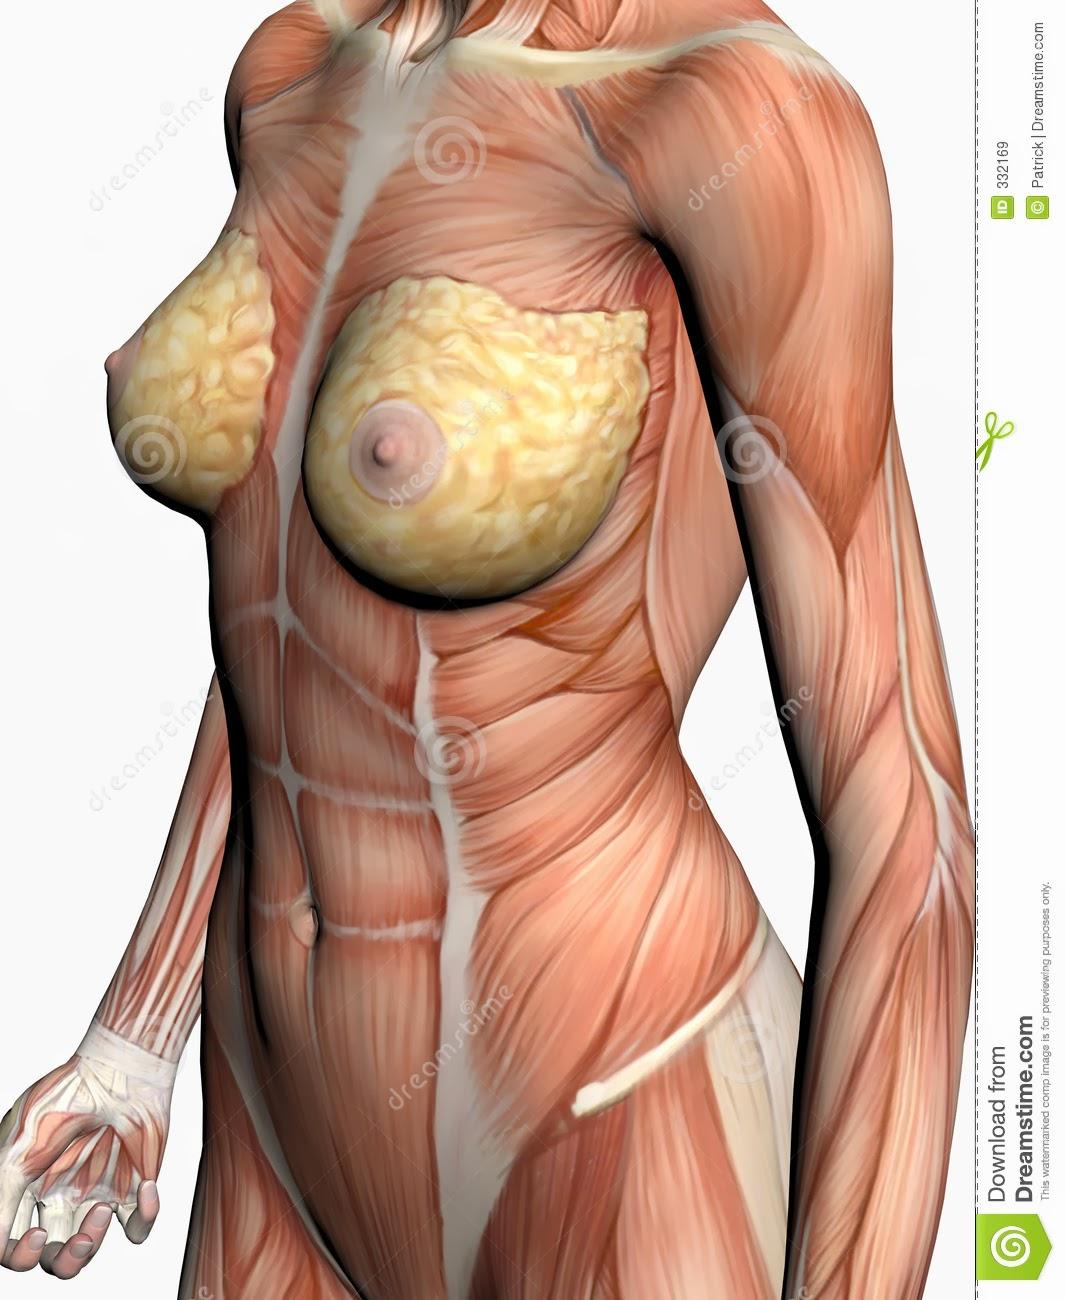 Perfecto Imagen Anatomía Mujer Viñeta - Imágenes de Anatomía Humana ...